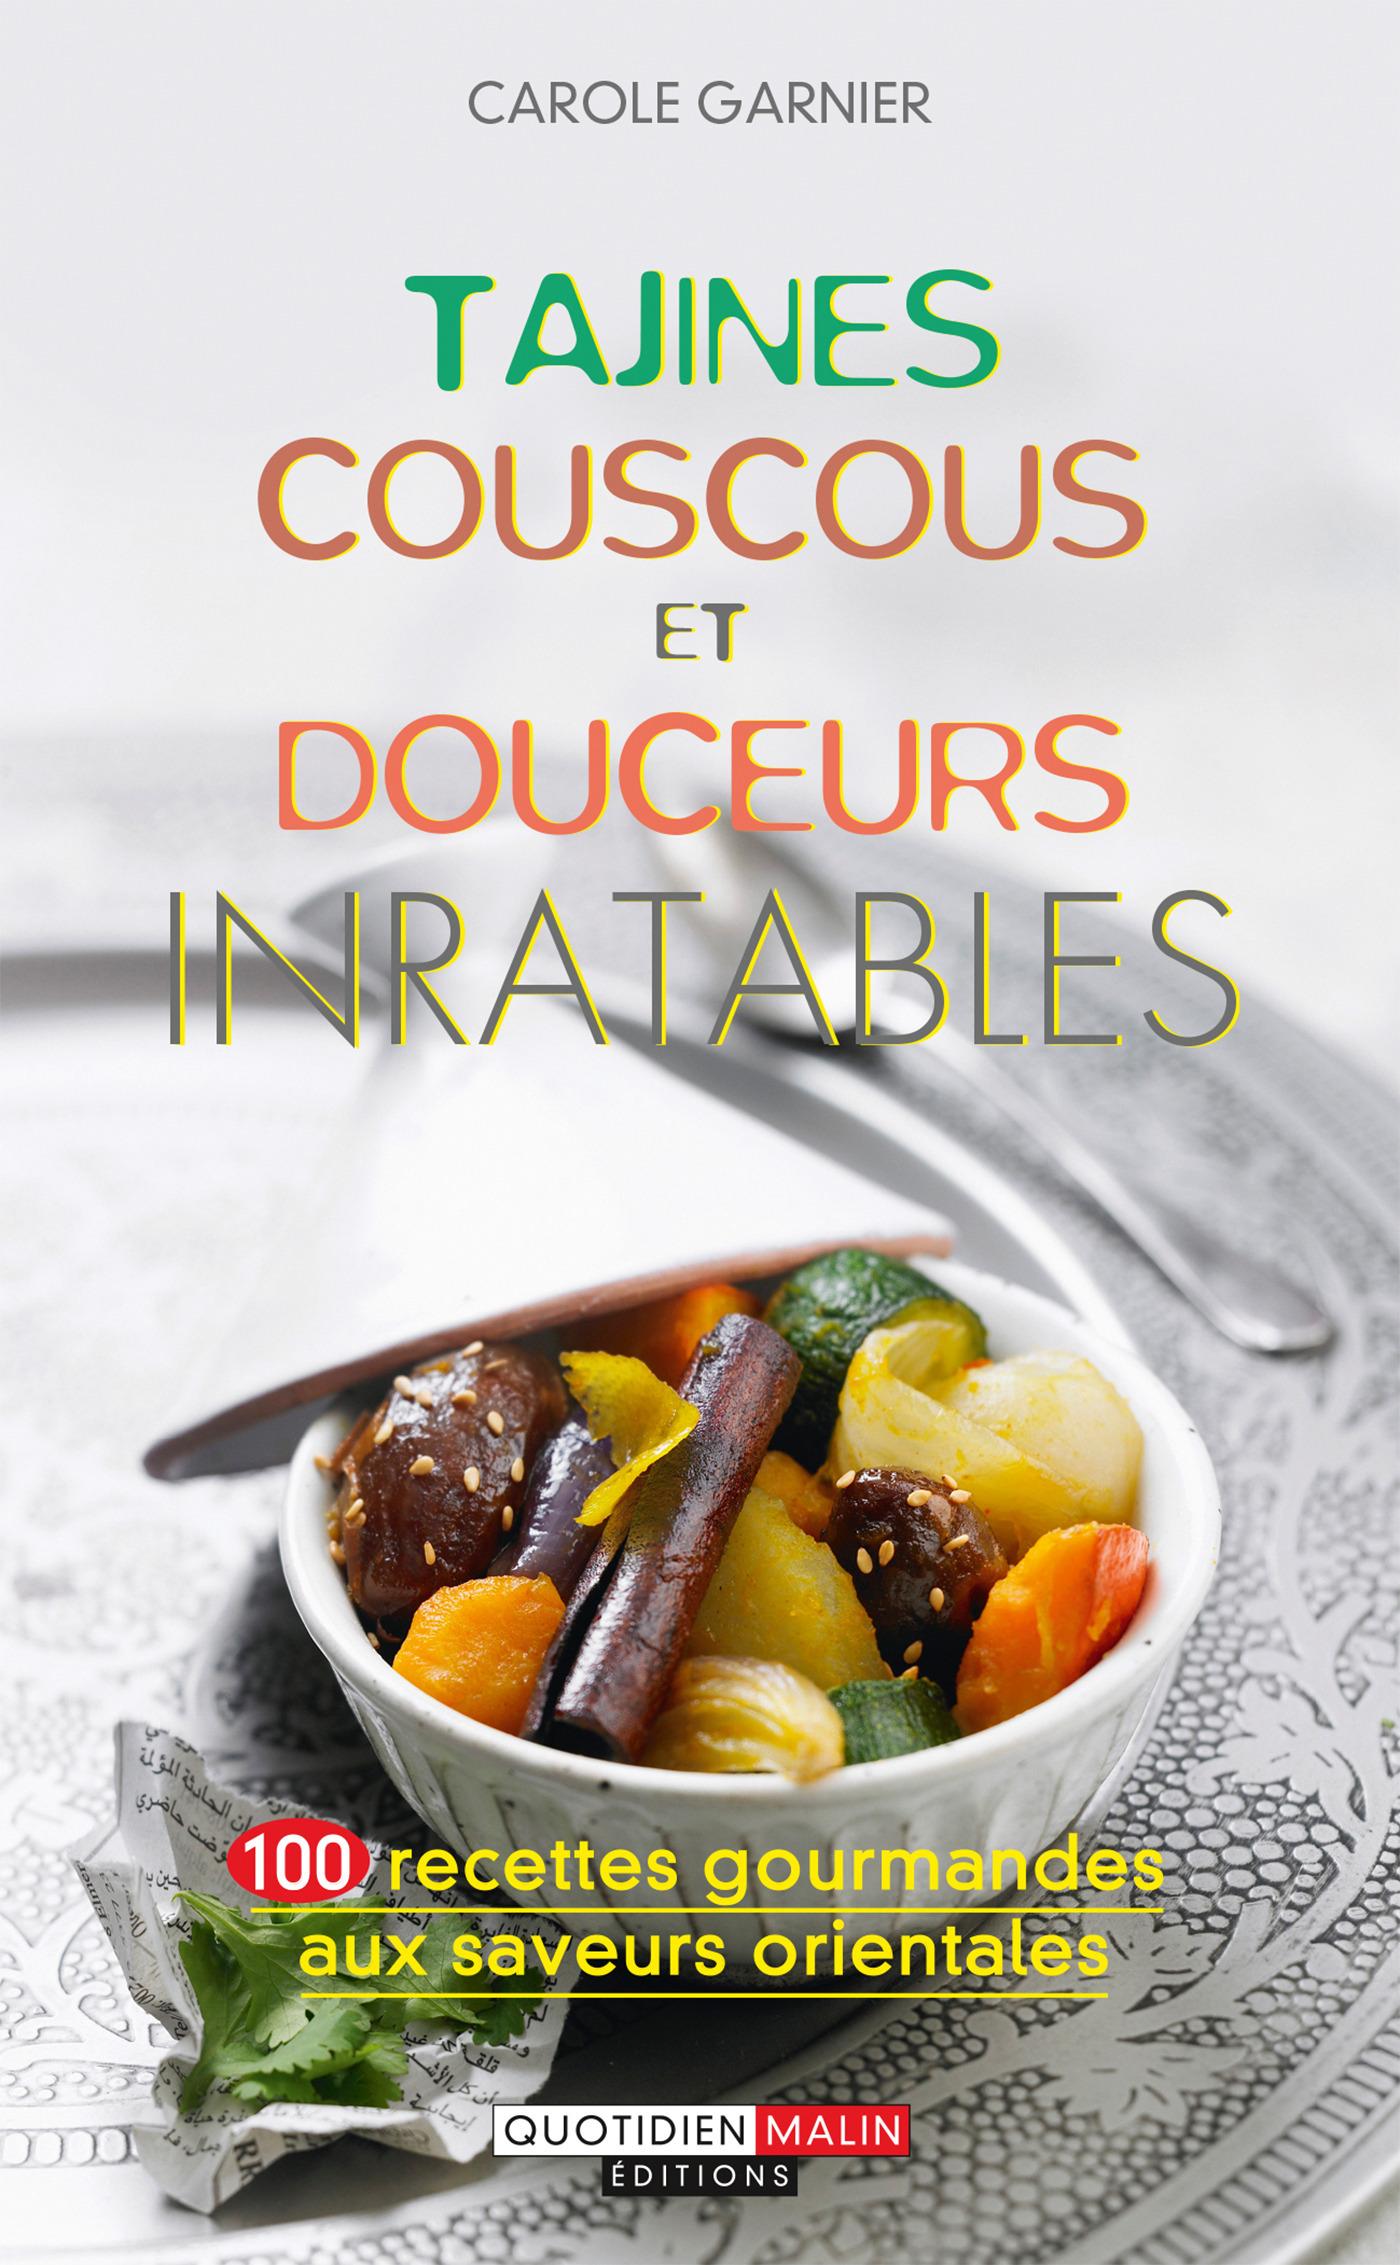 Carole Garnier Tajines, couscous et douceurs inratables